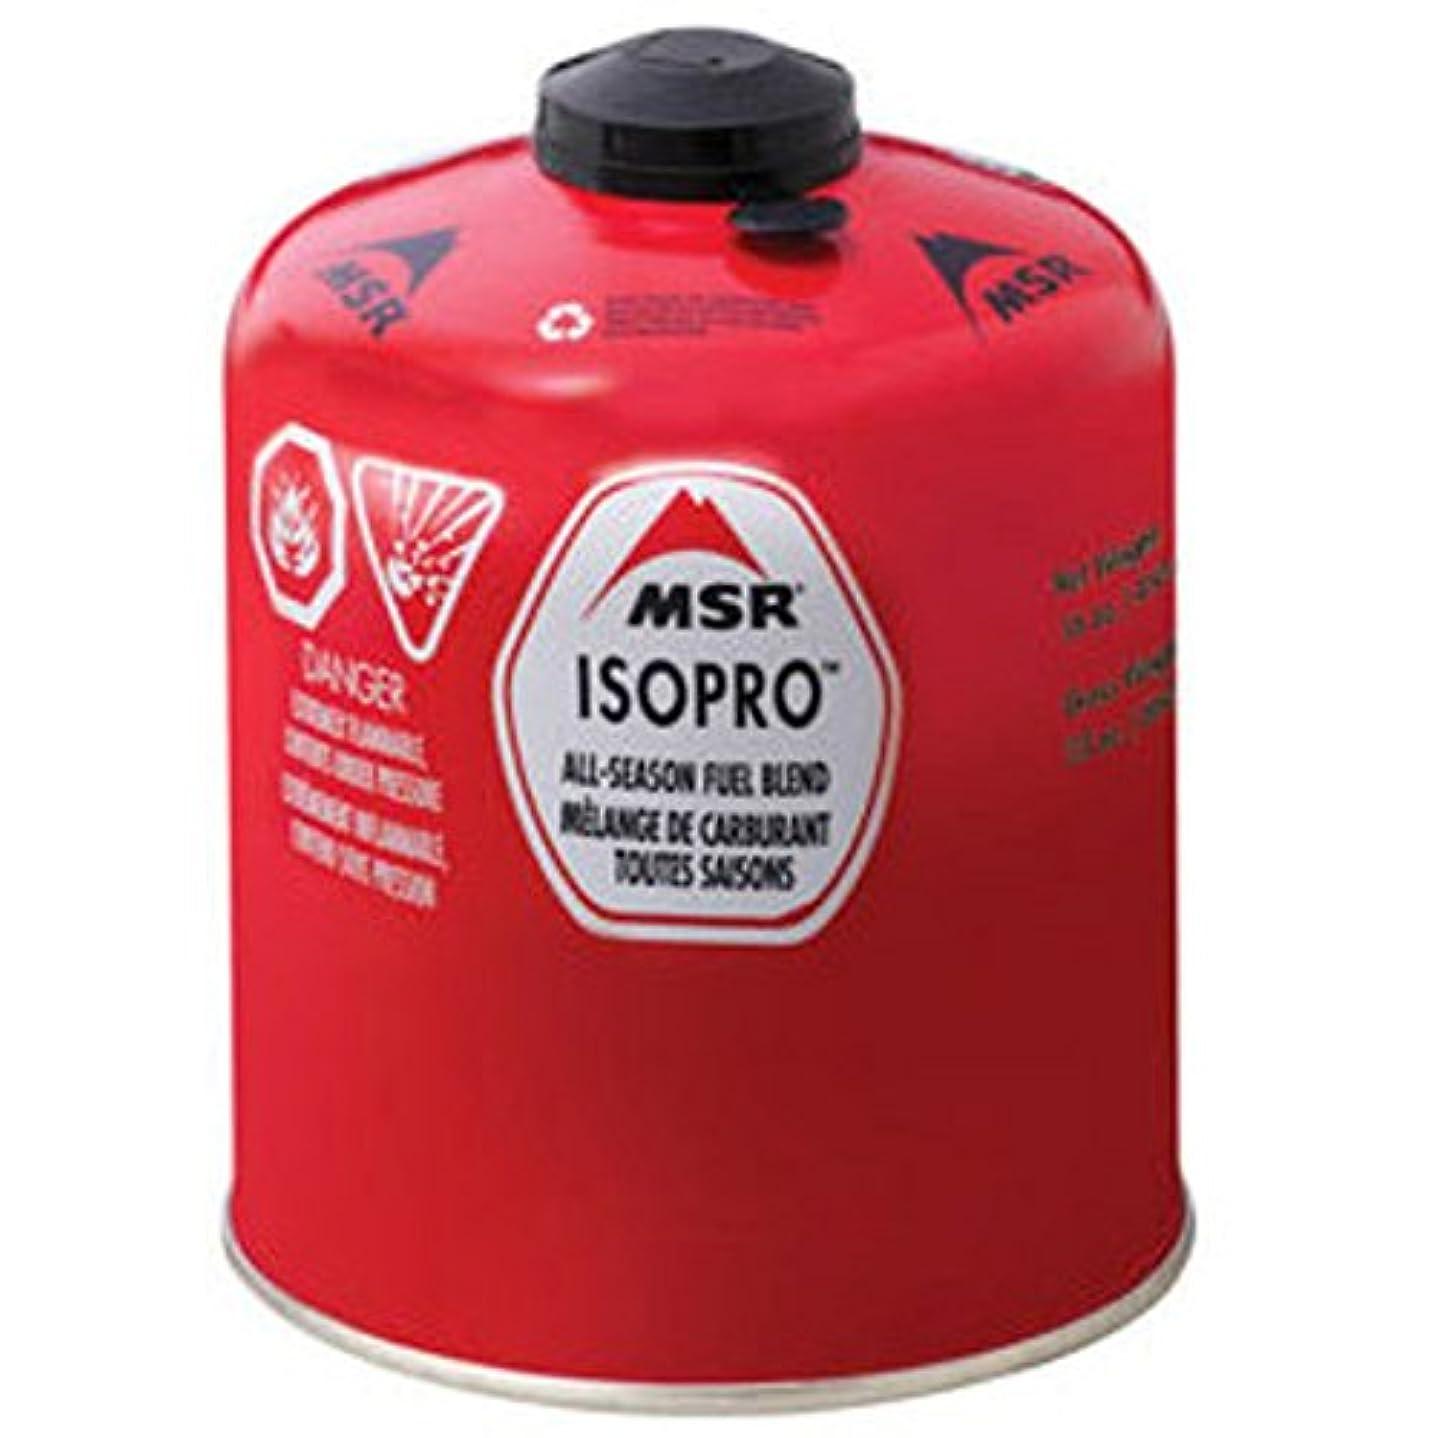 タンパク質綺麗な法医学MSR ISOPRO CANISTER (450G / 16OZ) (Parallel Import)